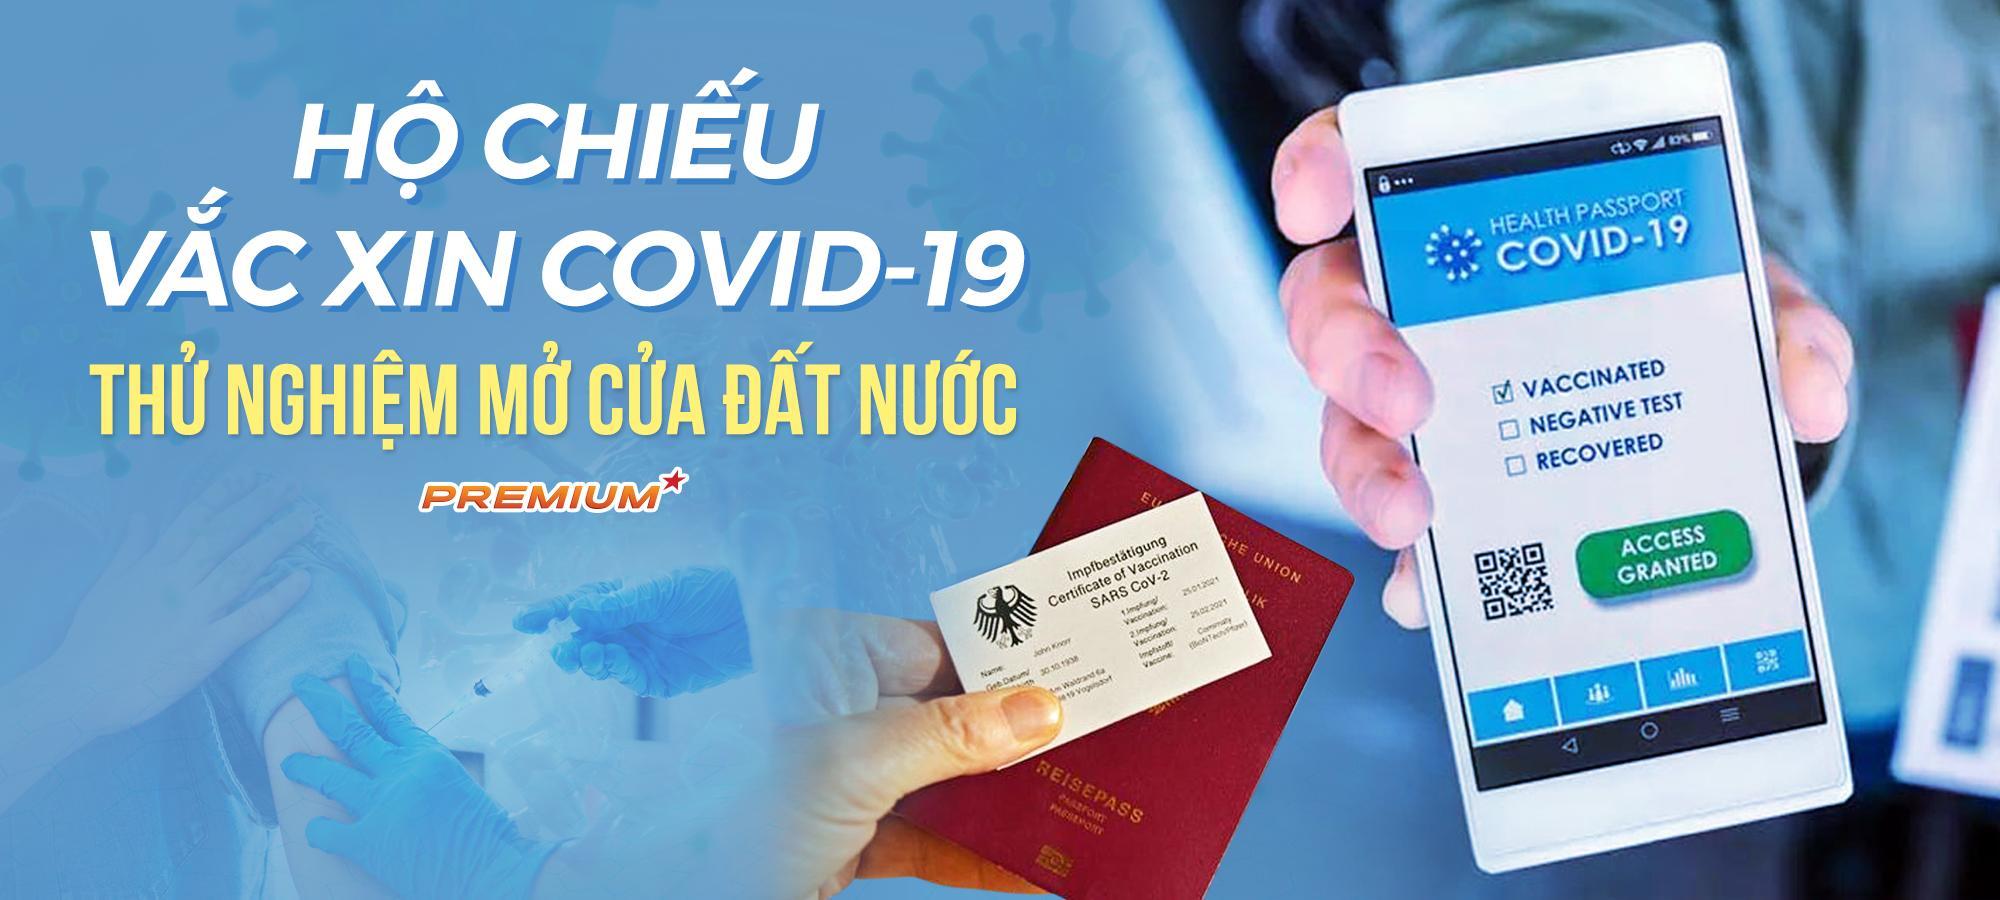 Hộ chiếu vắc xin Covid-19, thử nghiệm mở cửa đất nước